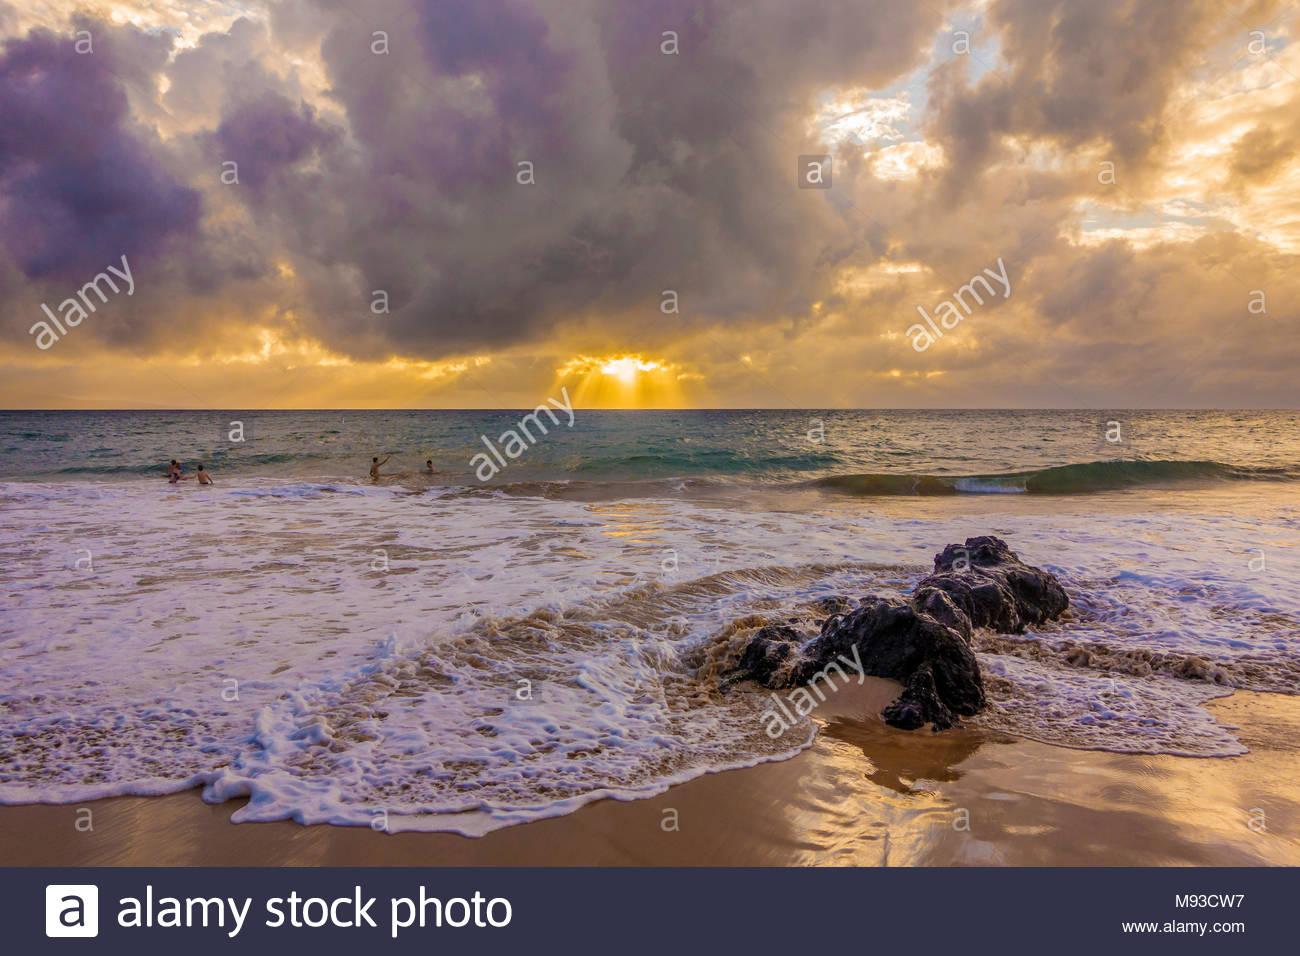 Por la noche las nubes y suaves olas del océano Pacífico en Kamaole Beach Park 11 en Kihei, en la isla de Maui en el estado de Hawaii, EE.UU. Imagen De Stock